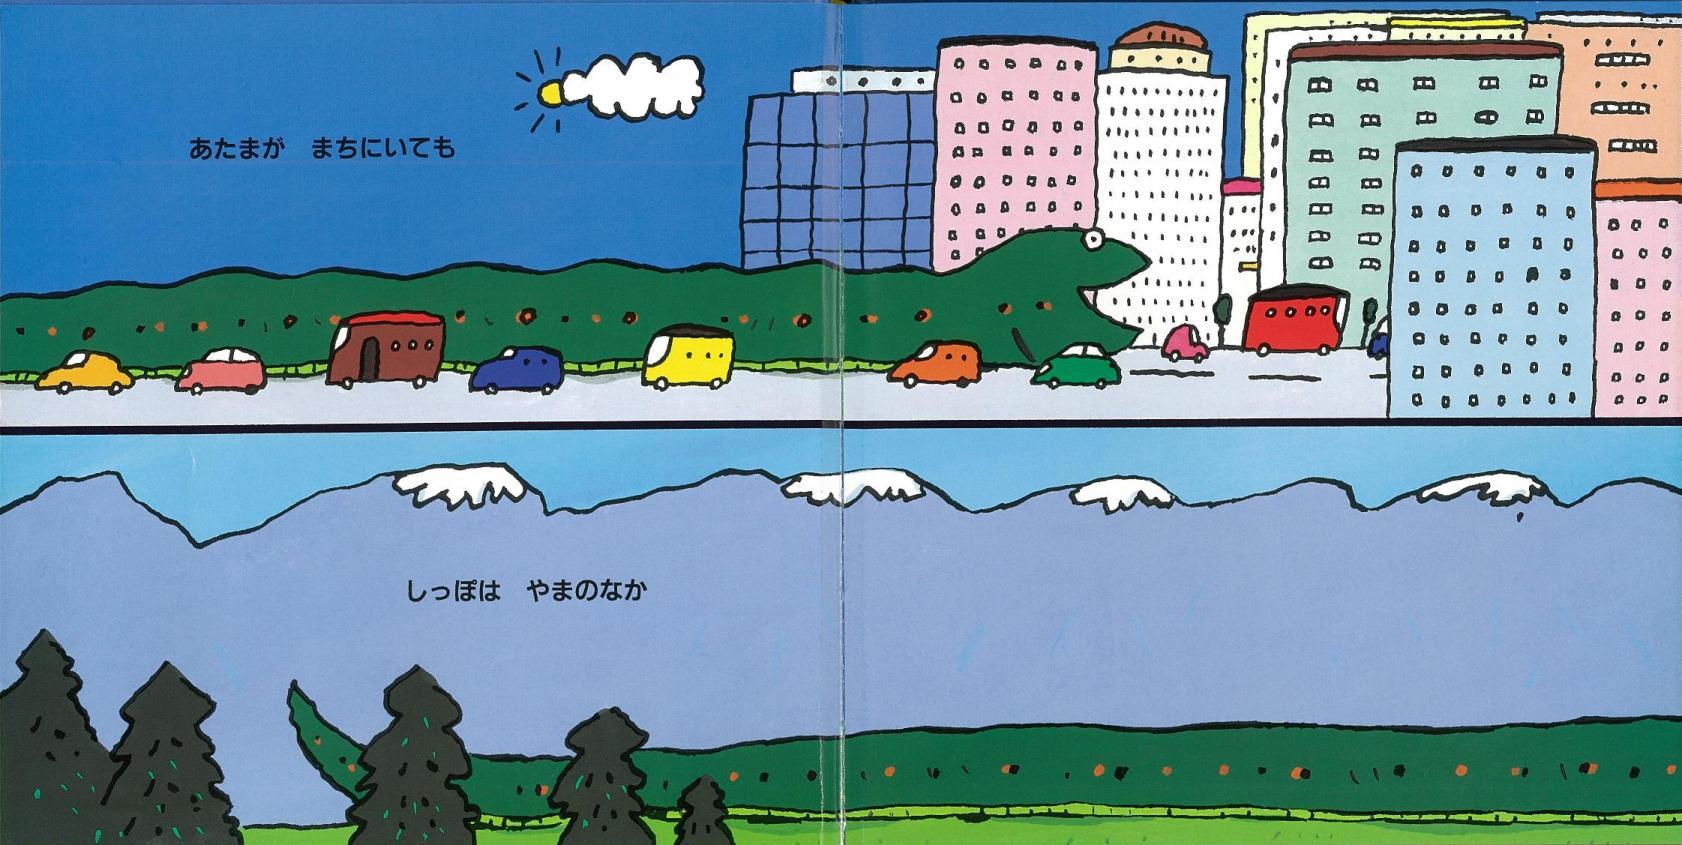 『ながいながいへびのはなし』風木一人・作 高畠純・絵 小峰書店 2001